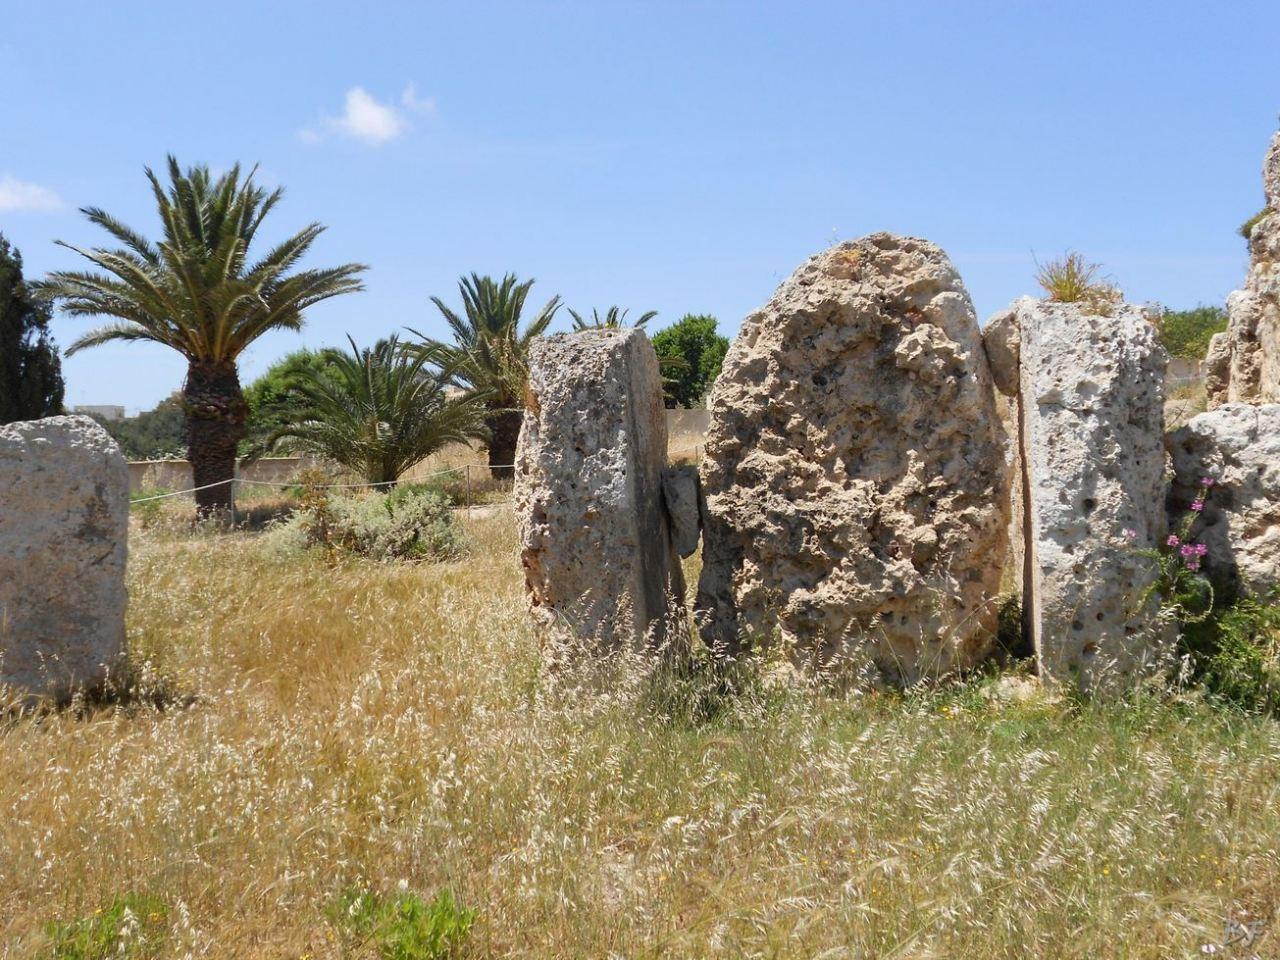 Ggantija-Tempio-Megalitico-Gozo-Malta-15